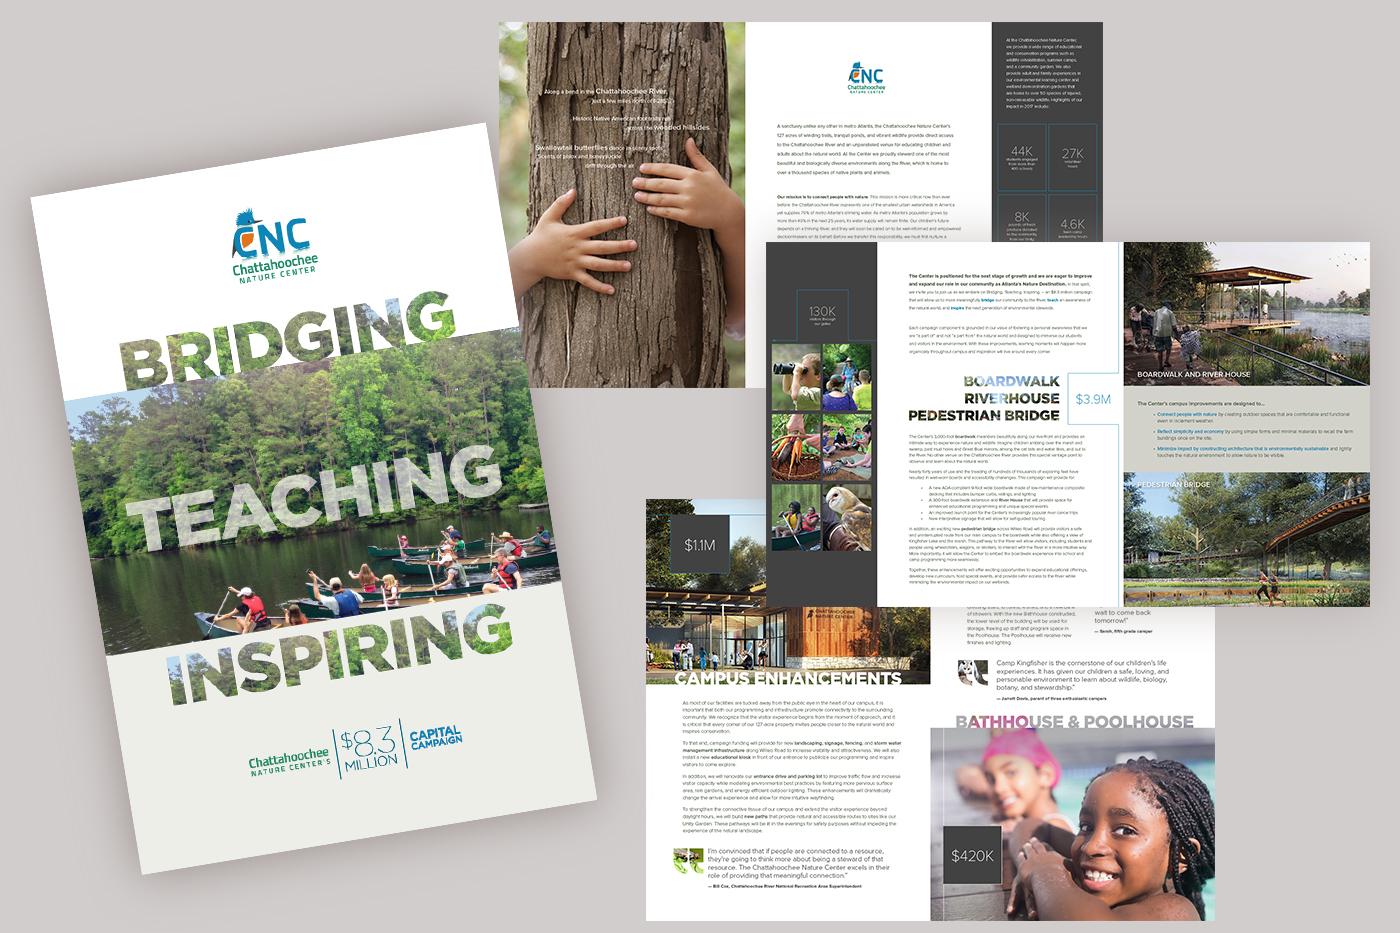 Chatahoochee Nature Center Rebranding